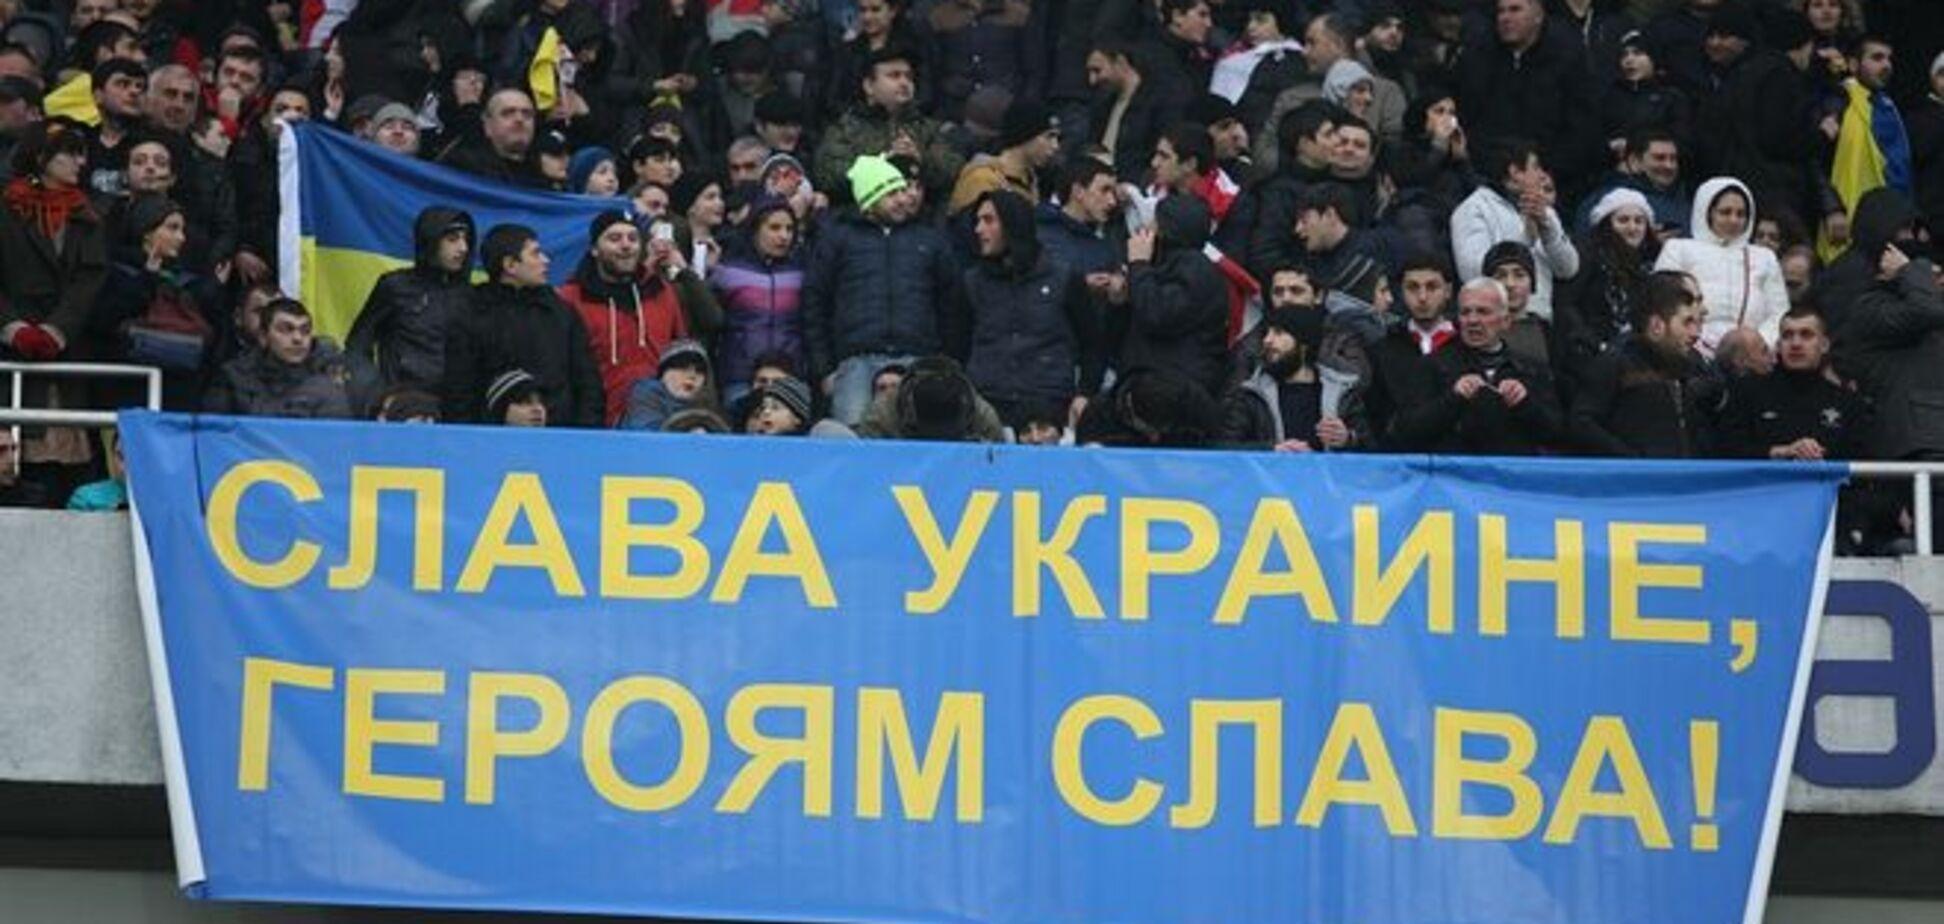 Болельщикам 'Динамо' запретили гигантский баннер 'Слава Украине!'